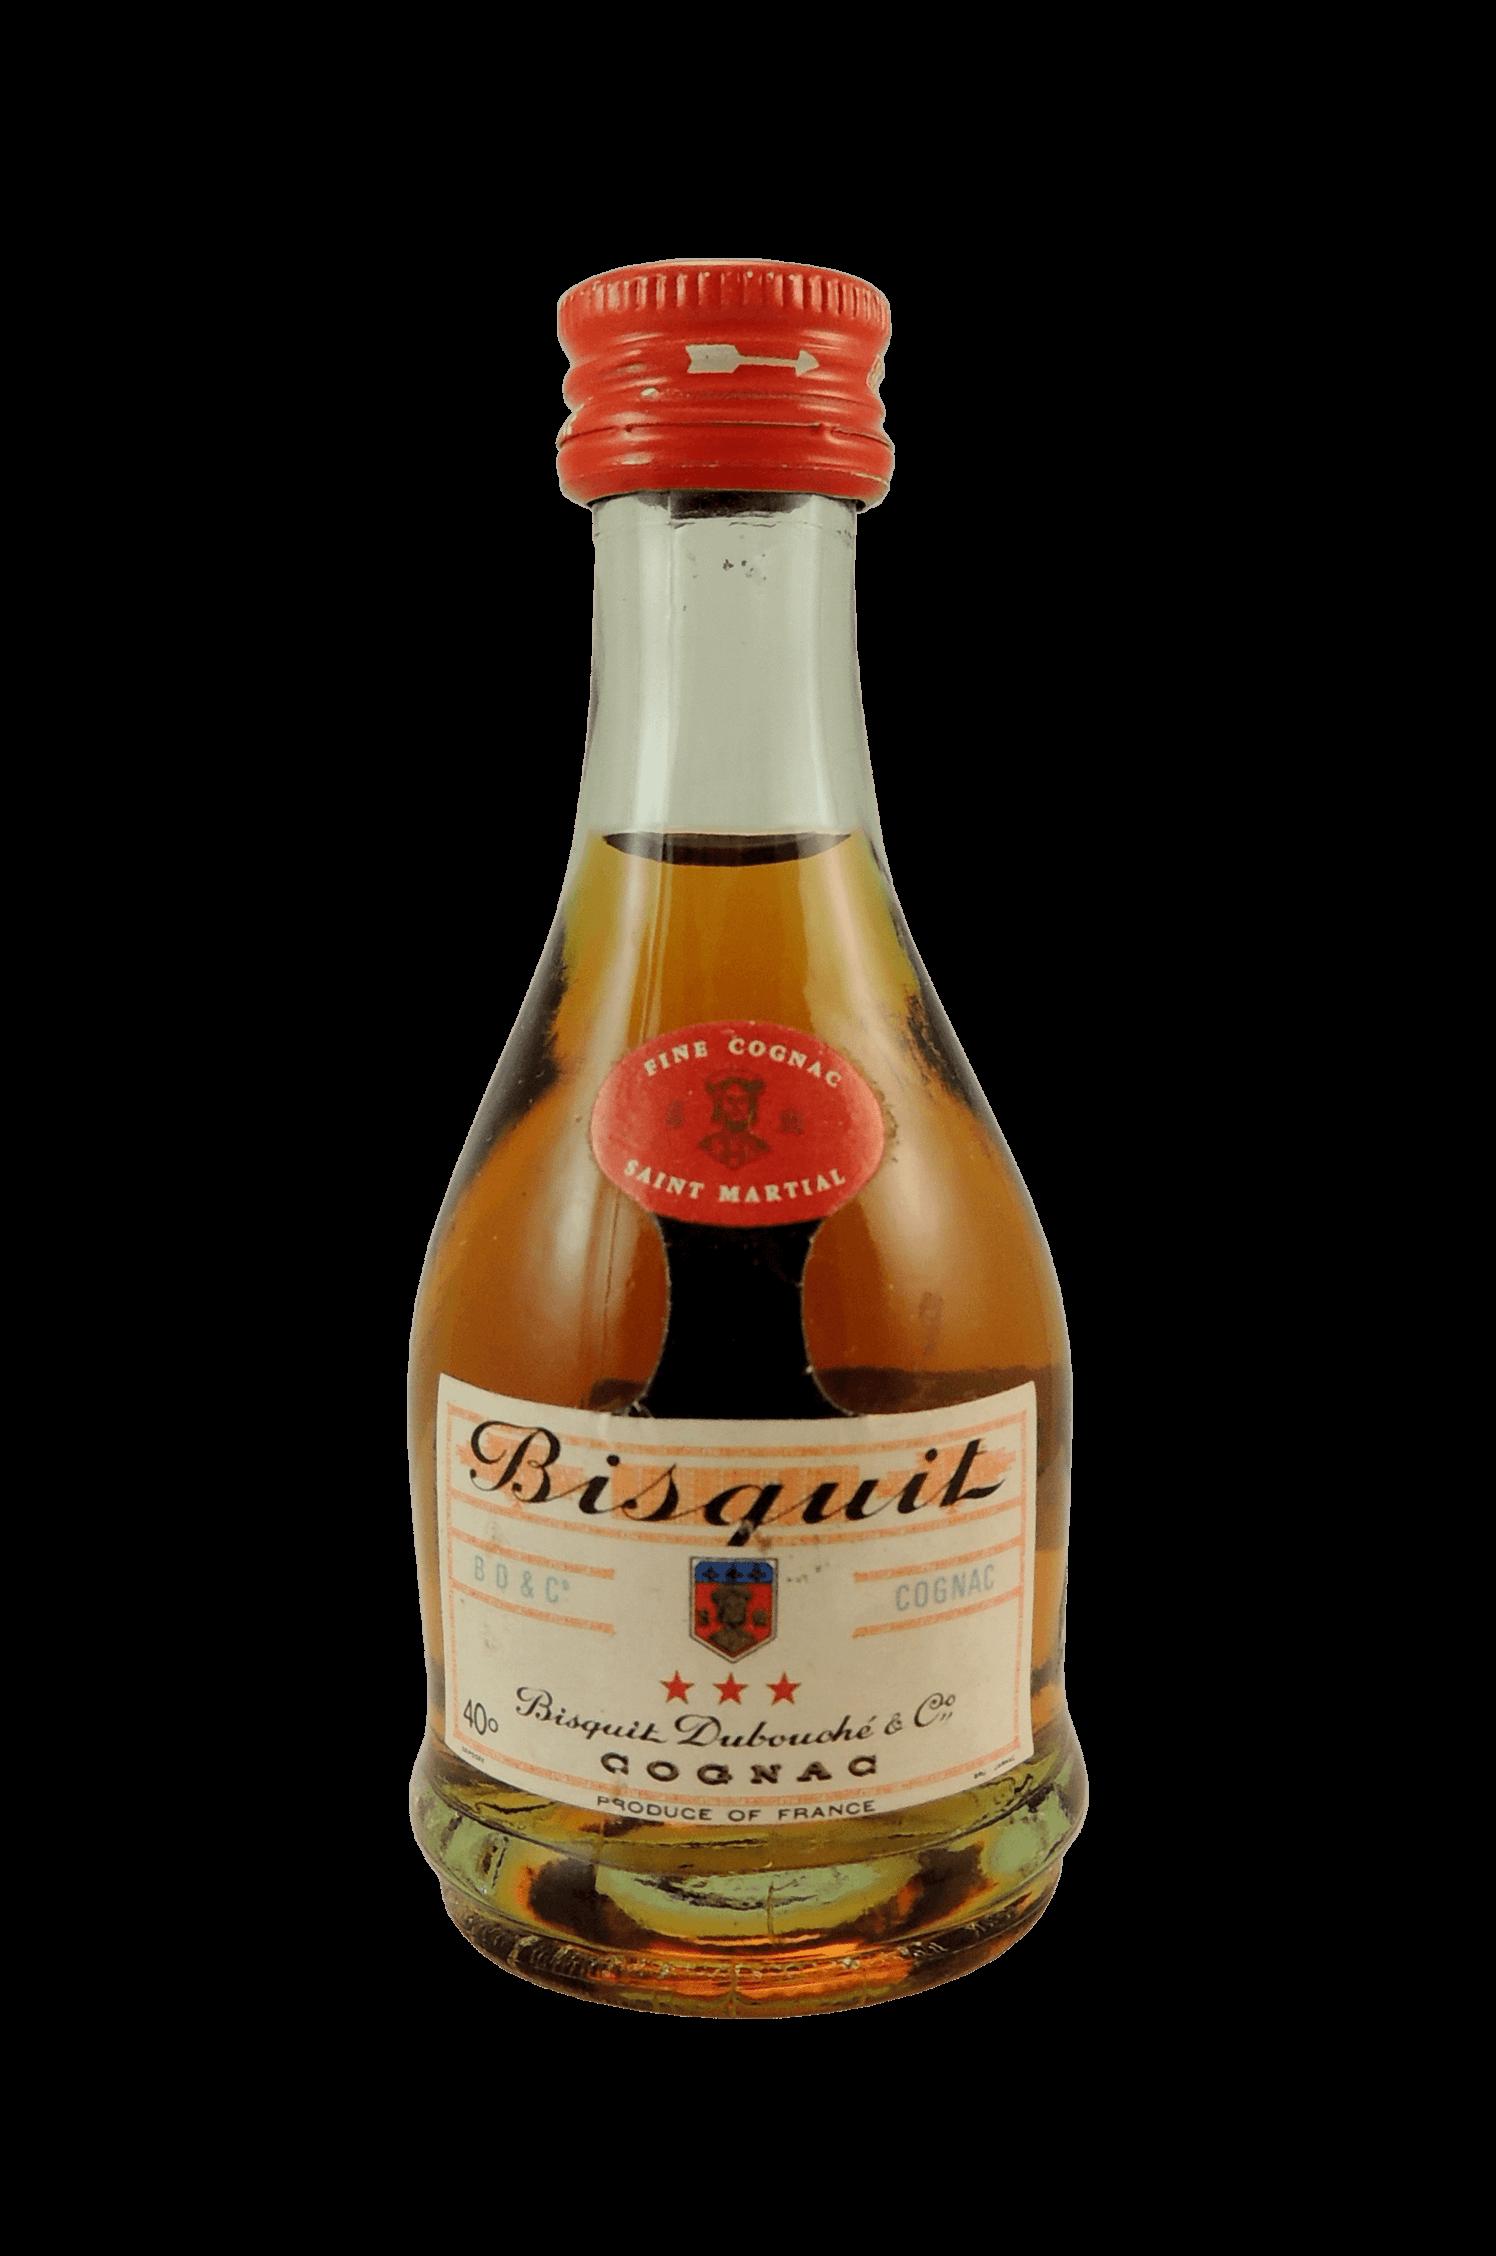 Bisquit Dubouché Cognac